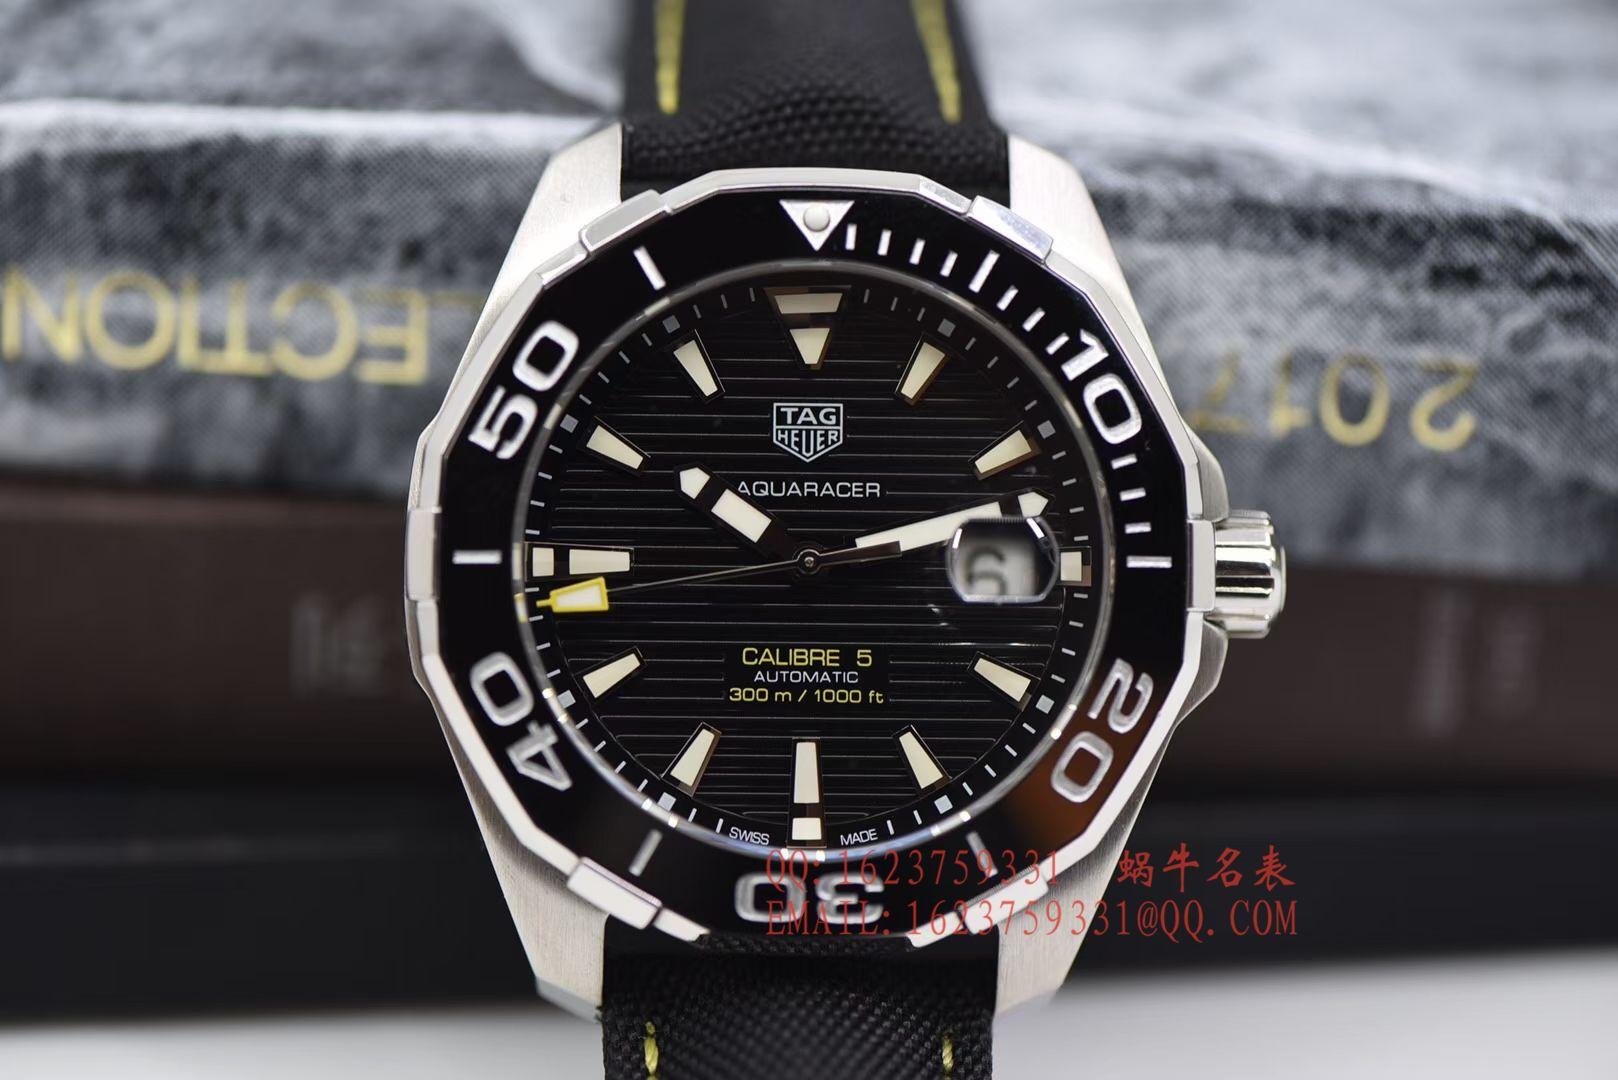 【原单正品、专柜验货】李易峰同款泰格豪雅竞潜300M腕表系列系列WAY201A.FT6069腕表 / TG057